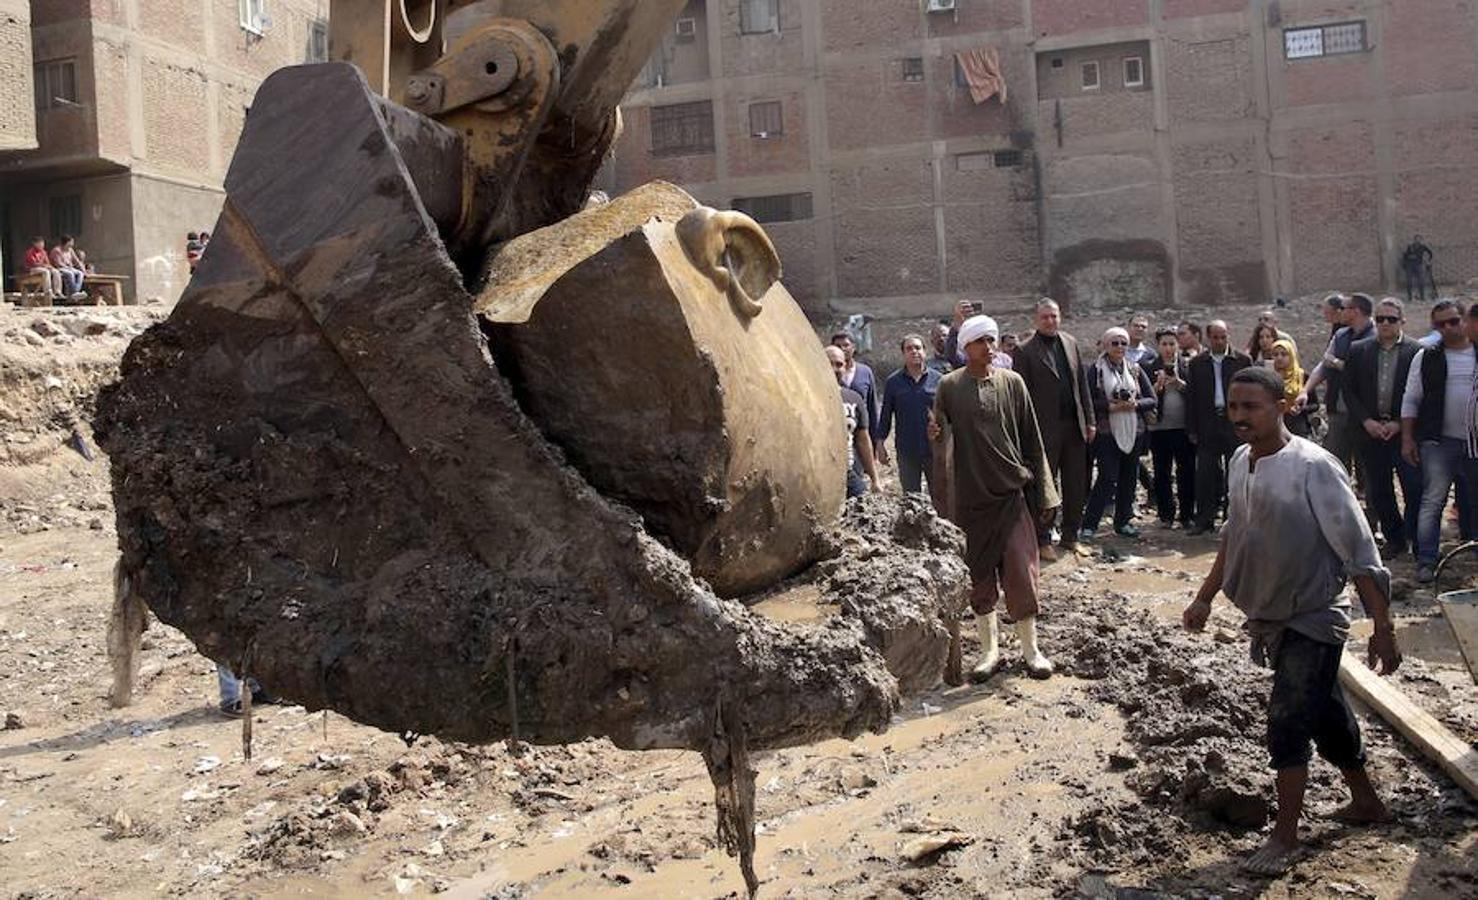 Se han hallado dos estatuas faraónicas de la época de Ramses II, en el popular barrio cairota de Matariya, en las ruinas de la ciudad antigua de Heliópolis